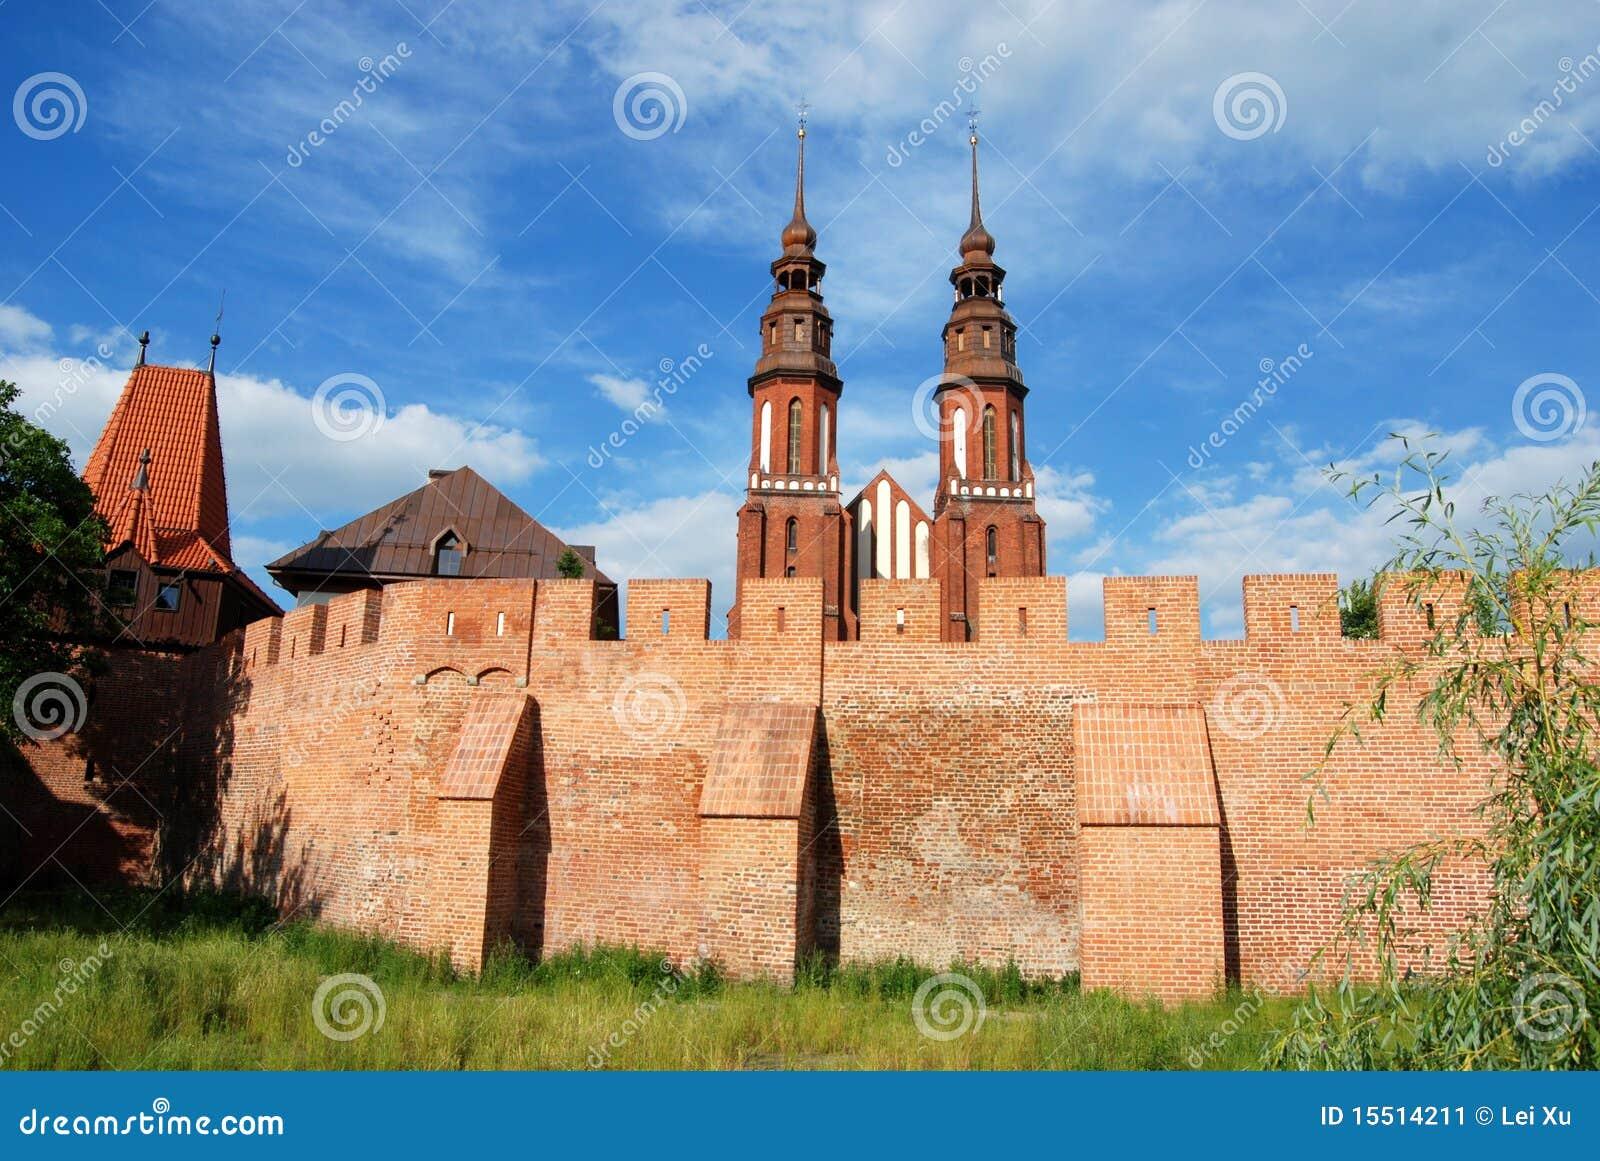 Opole, Polen: Mittelalterliche Wände und Kathedrale